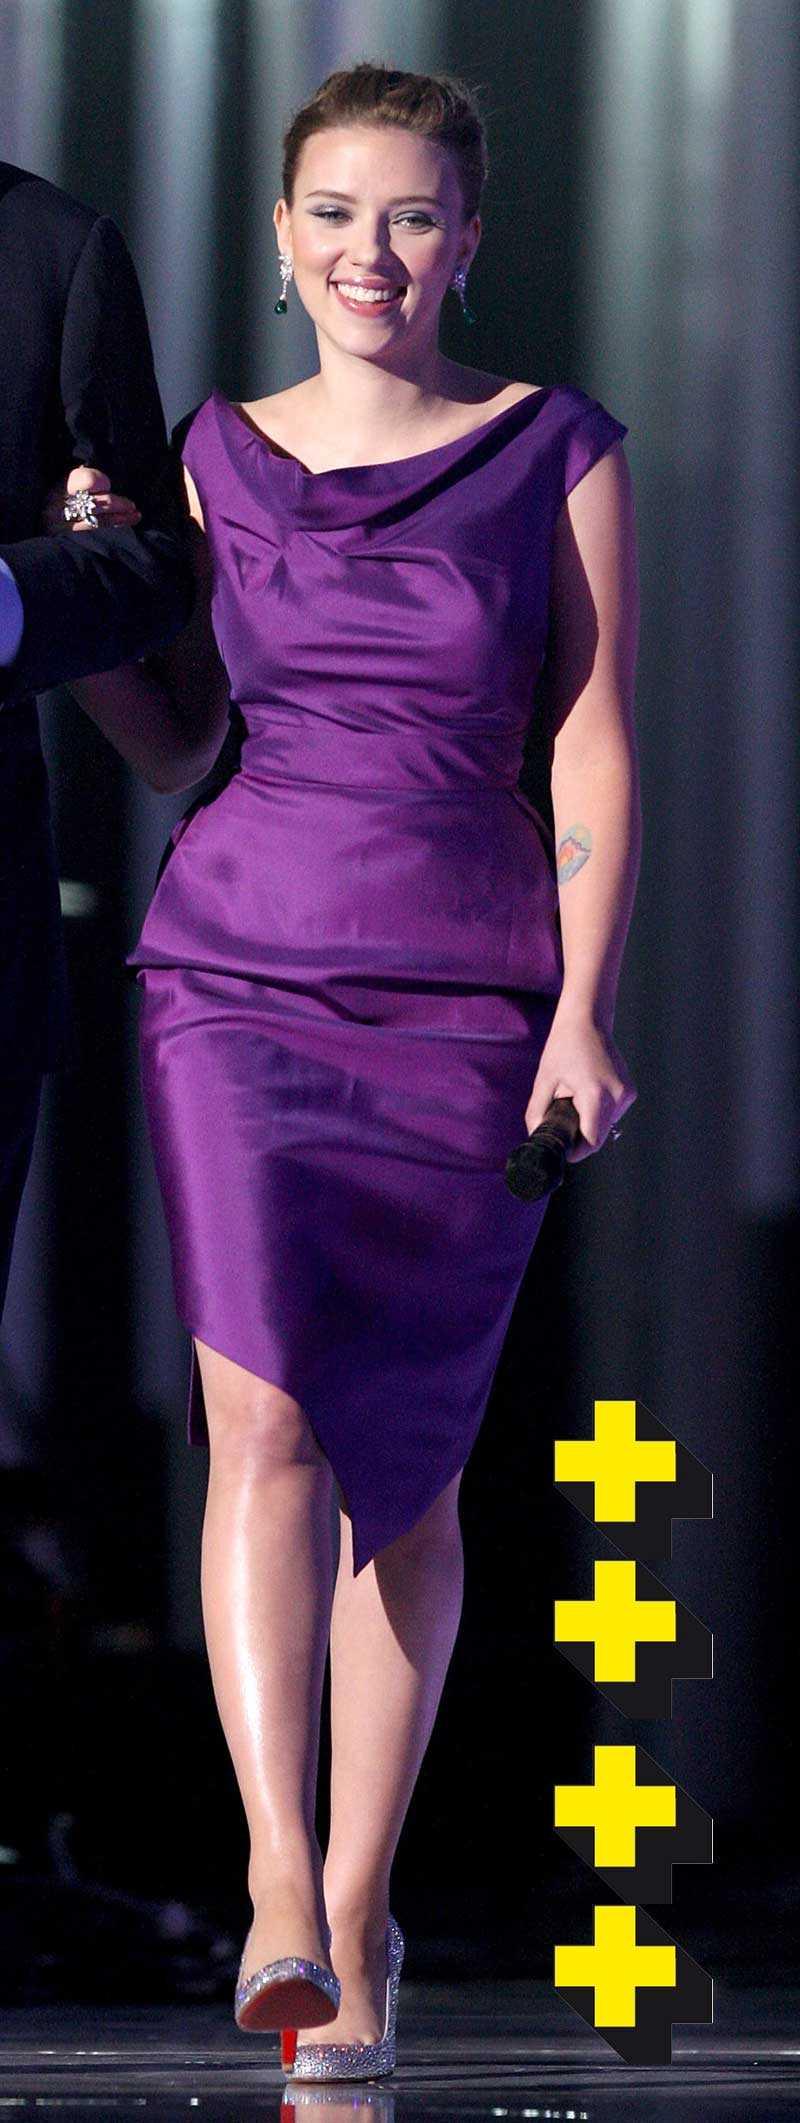 Scarlett Johansson var presentatör tillsammans med Michael Caine i Olso, hon gjorde det helsnyggt i lila fodral med paljettpumps. Bra tips inför nyår! Perfekt färg för både blonda och brunetter.